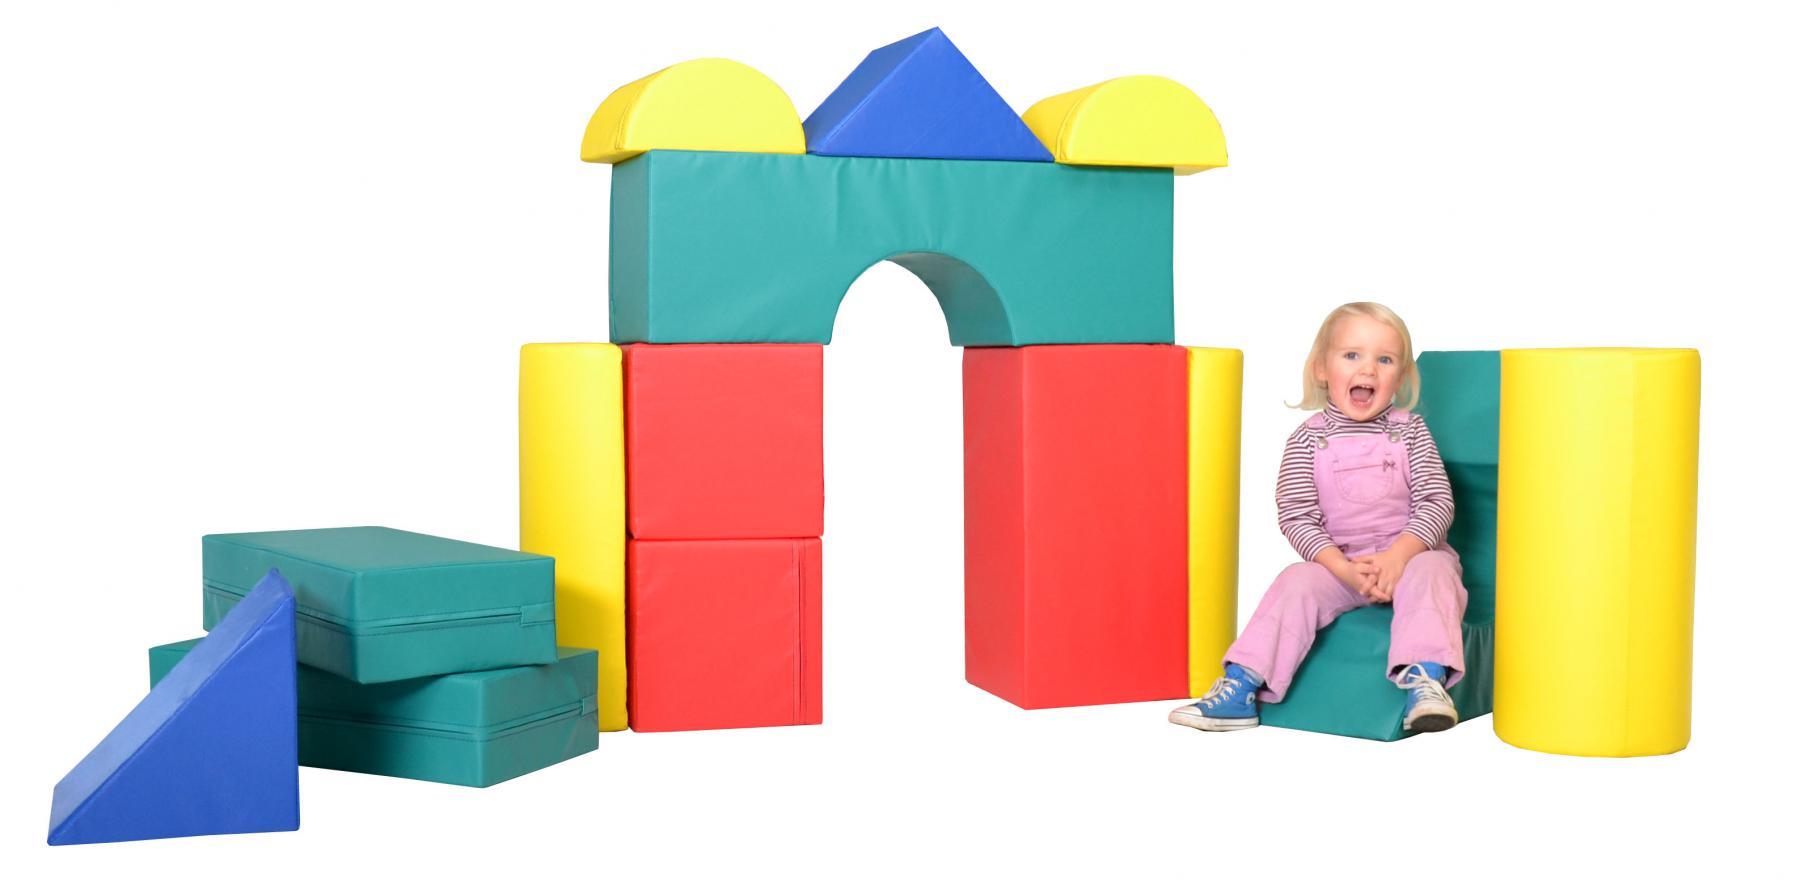 b nfer bausteinsatz 14 tlg softbausteine maxi bausteine gro bausteine schaumstoff kaufen bei. Black Bedroom Furniture Sets. Home Design Ideas